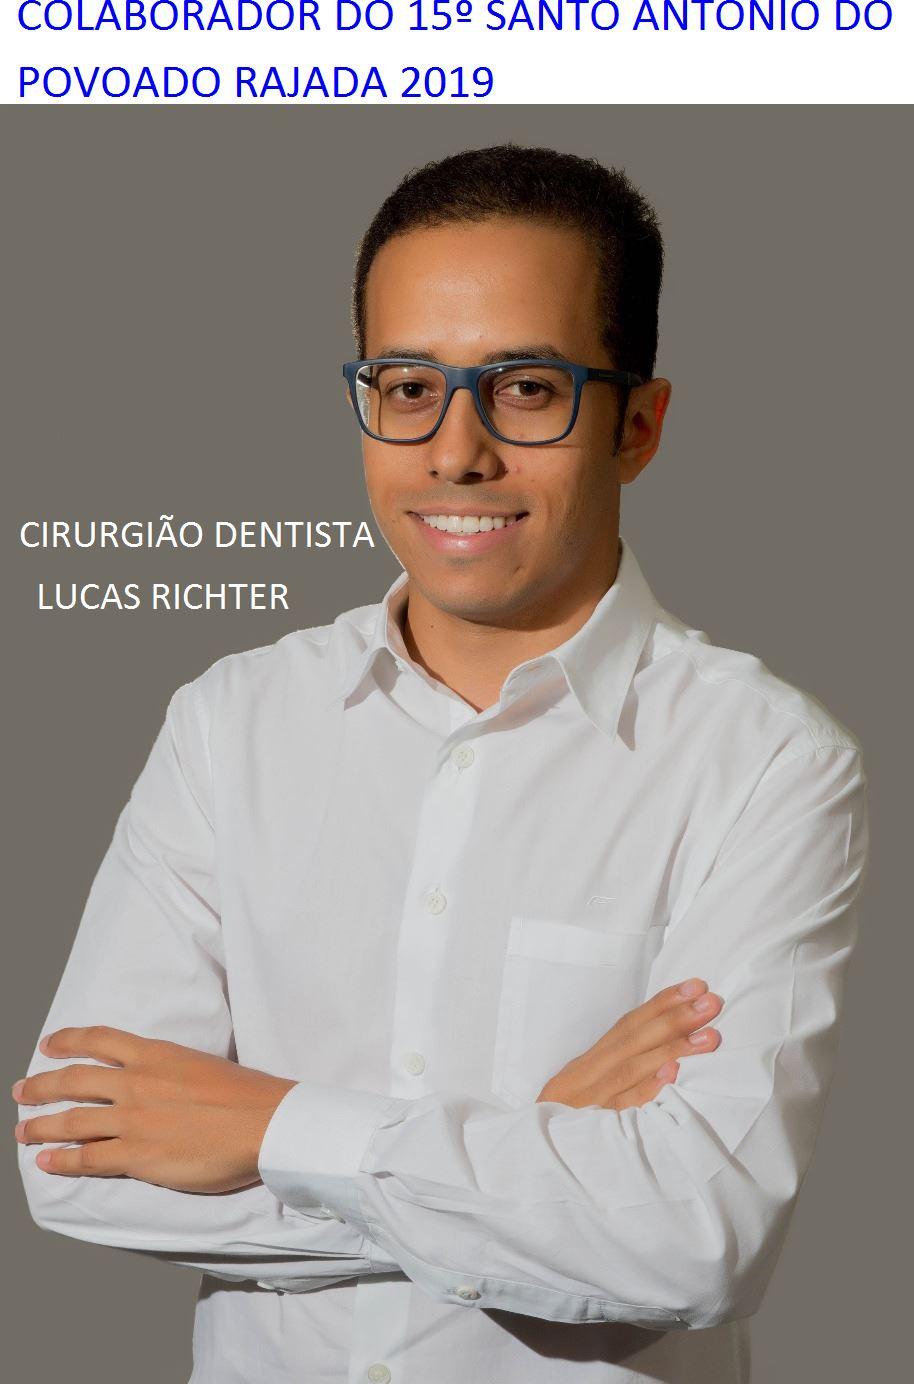 PUBLICIDADE: DRº LUCAS RICHTER CAICÓ